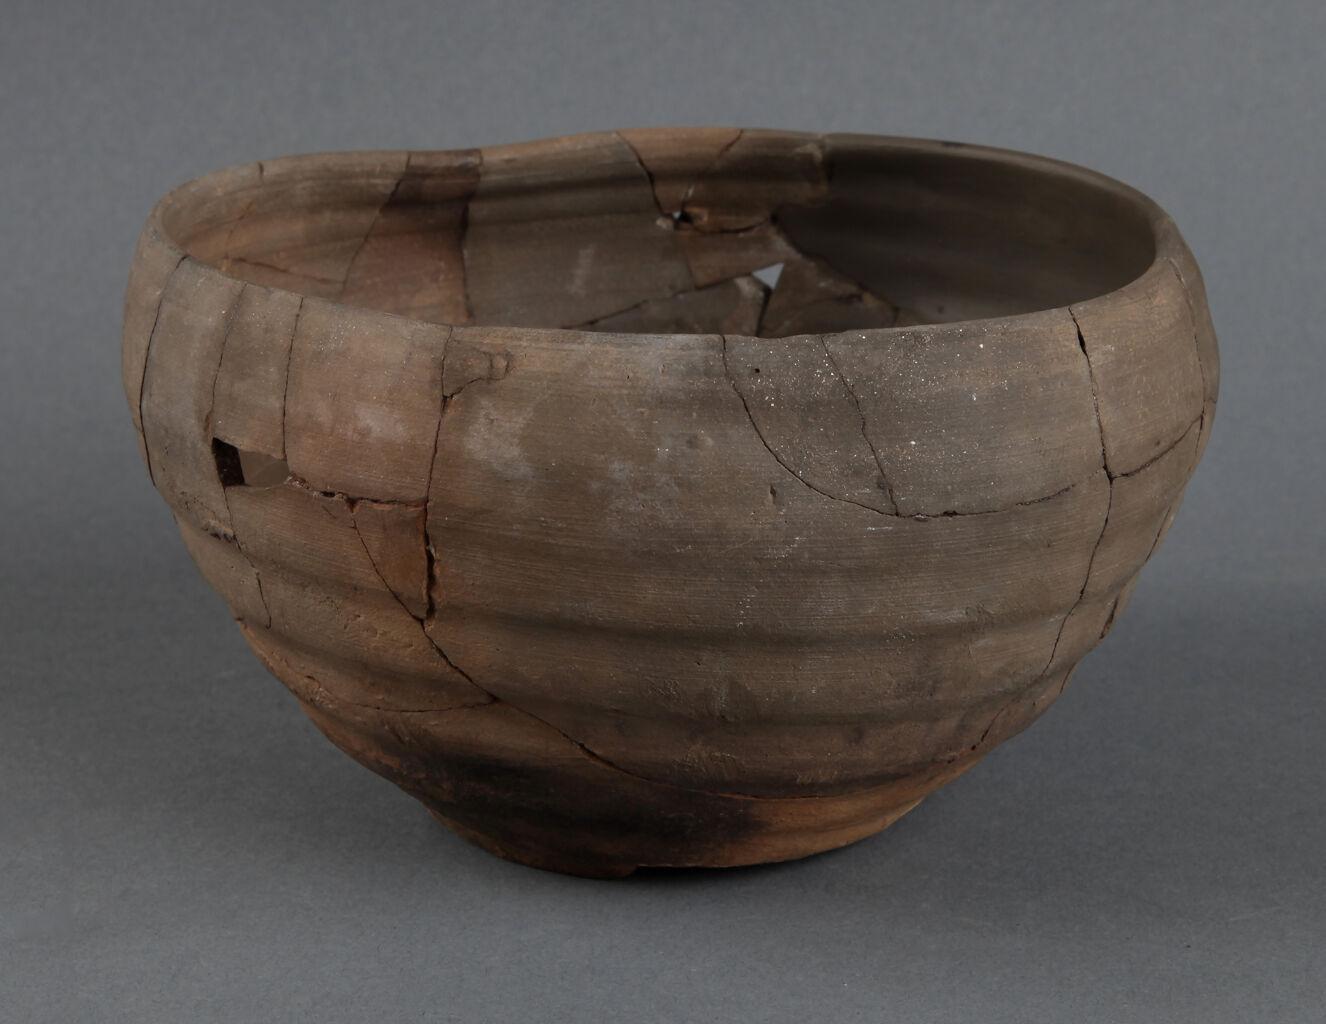 Coarse bowl